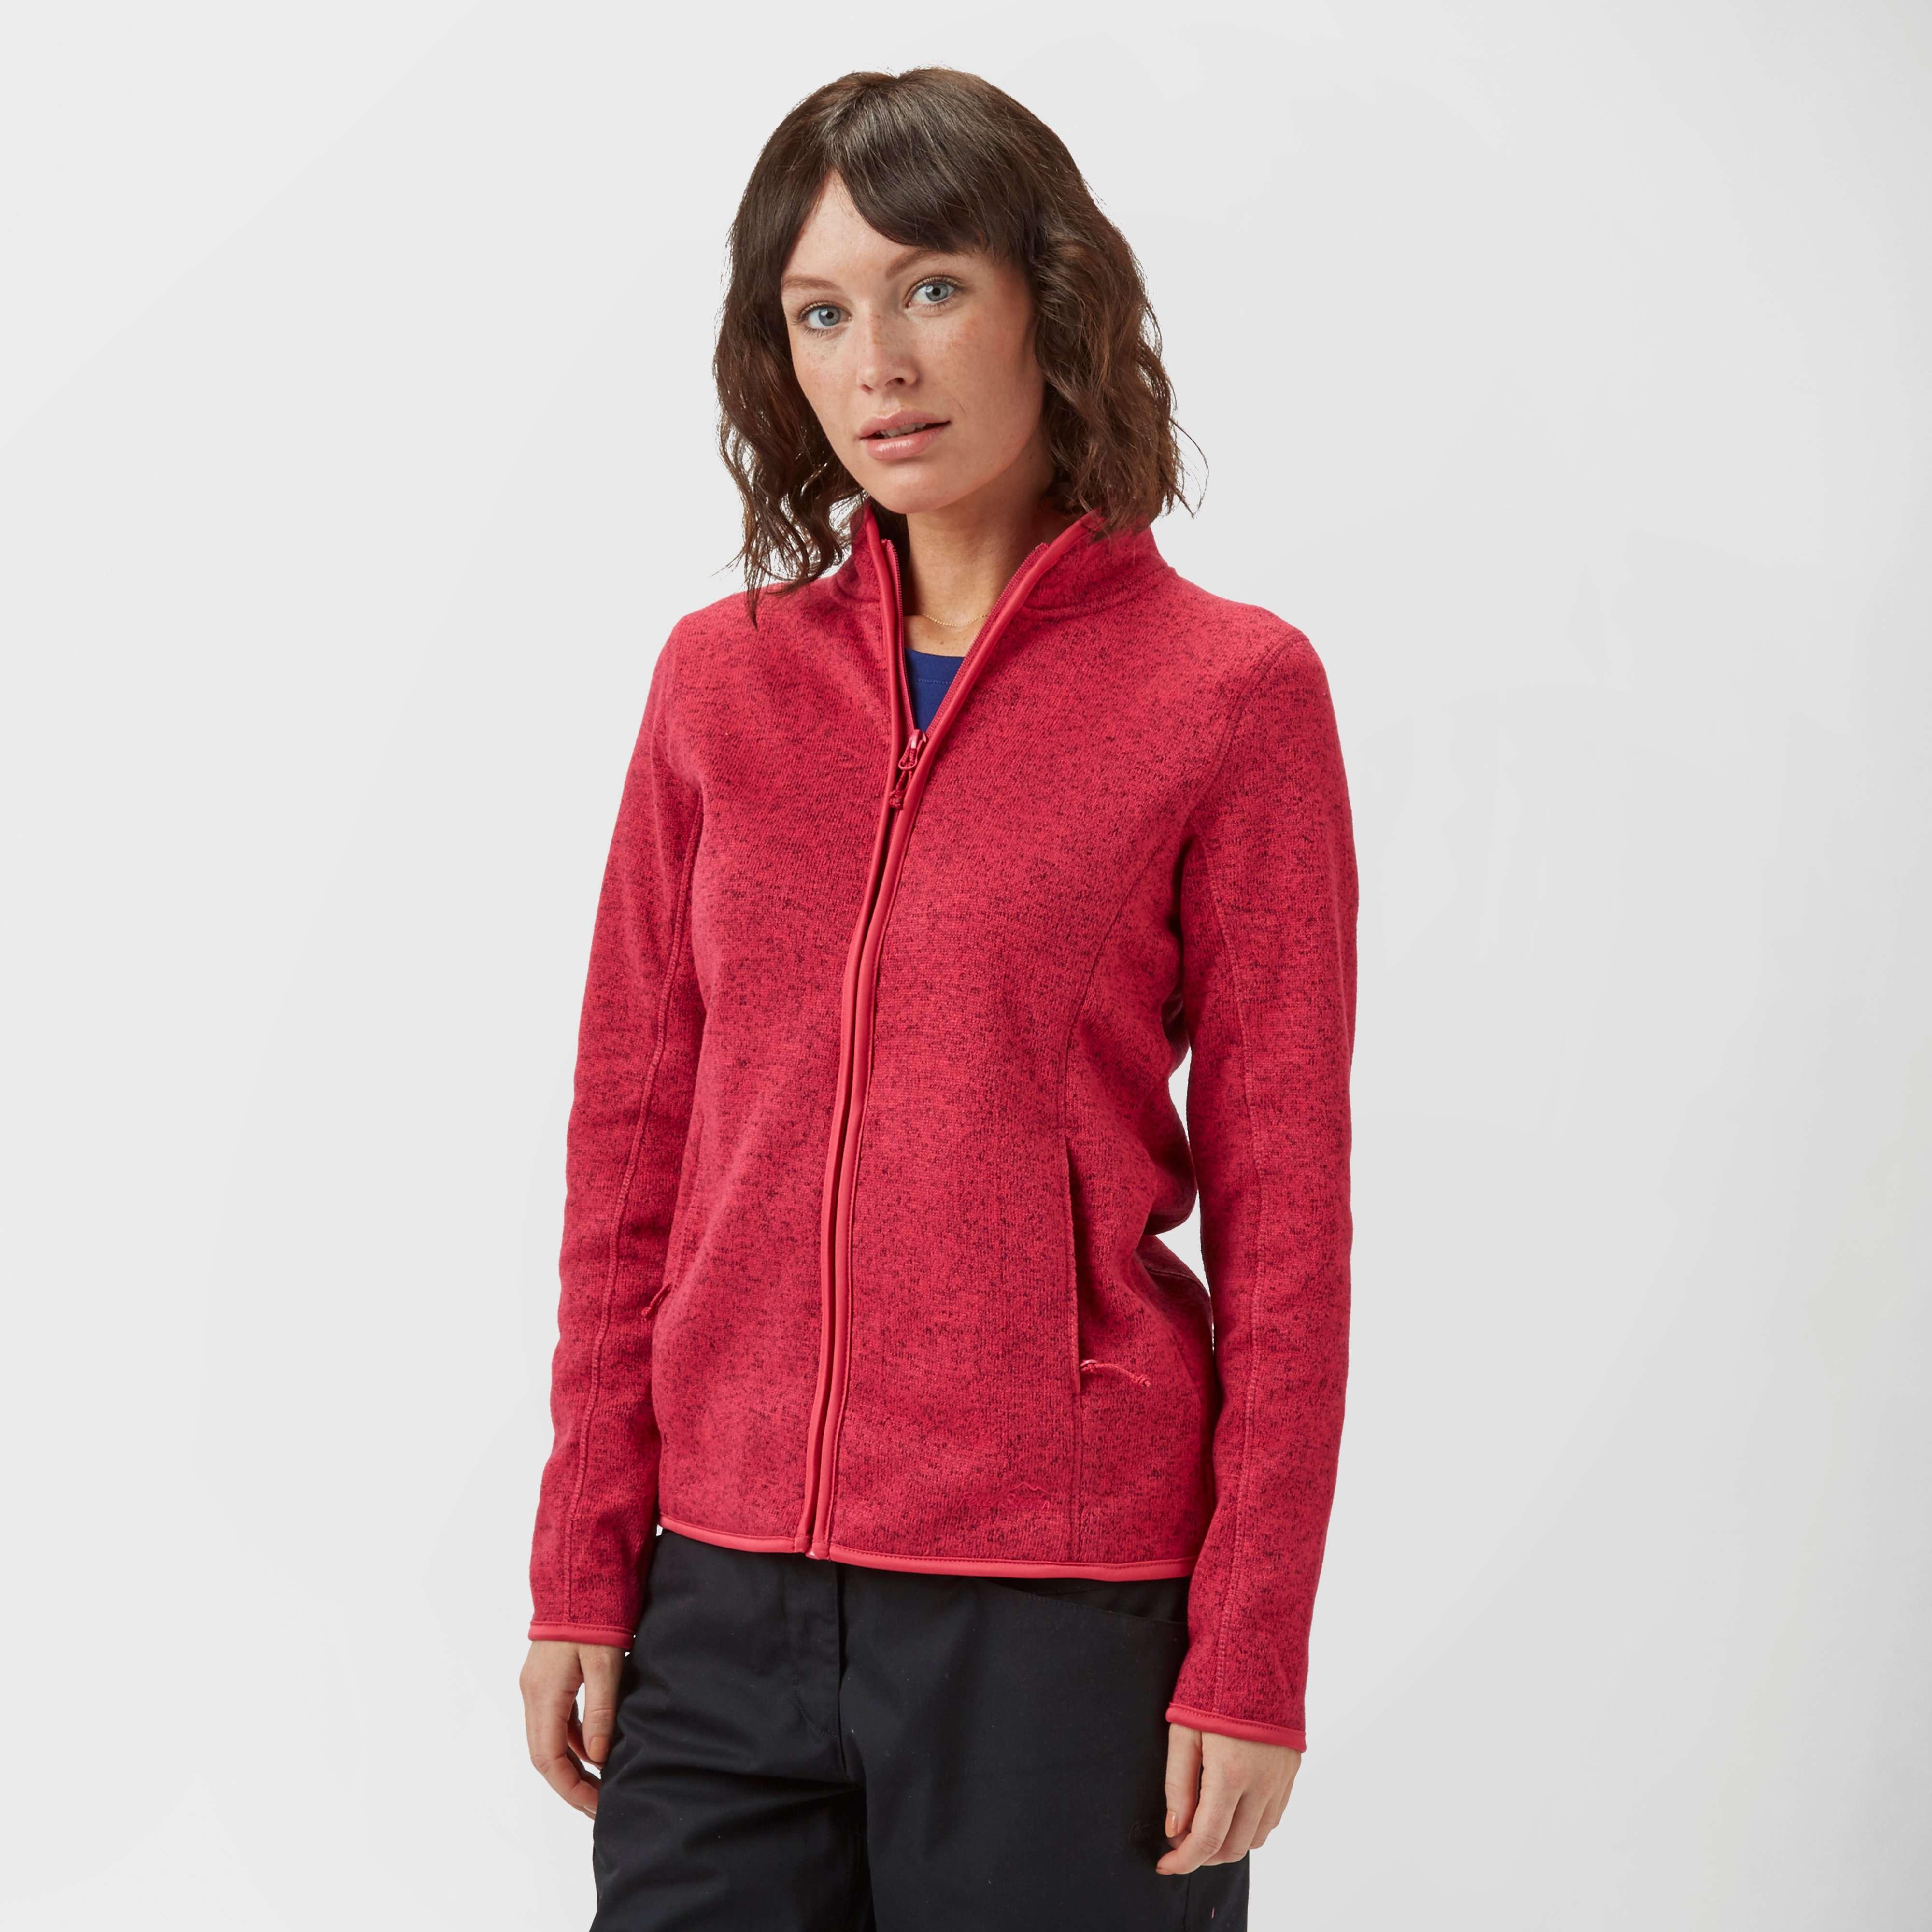 PETER STORM Women's Full-Zip Interest Fleece